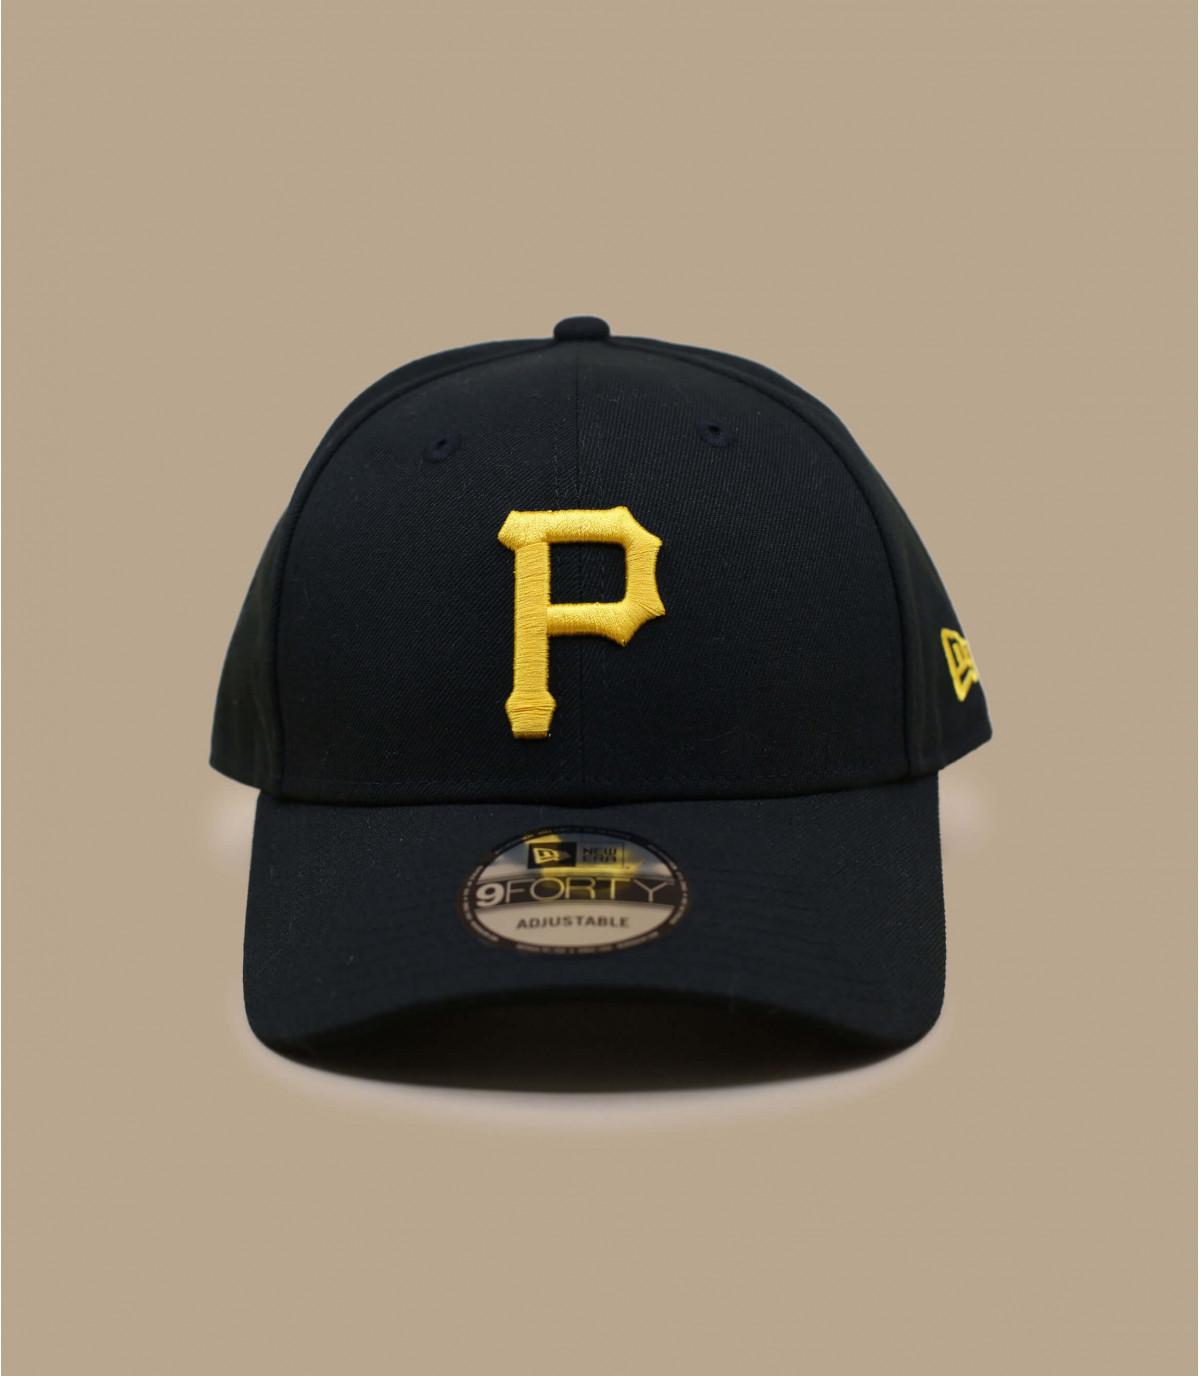 P curve cap New Era. Détails Cap Pittsburgh Pirates The League Team - image  5  Détails Cap Pittsburgh Pirates The League Team - image ... 8092d5ca9